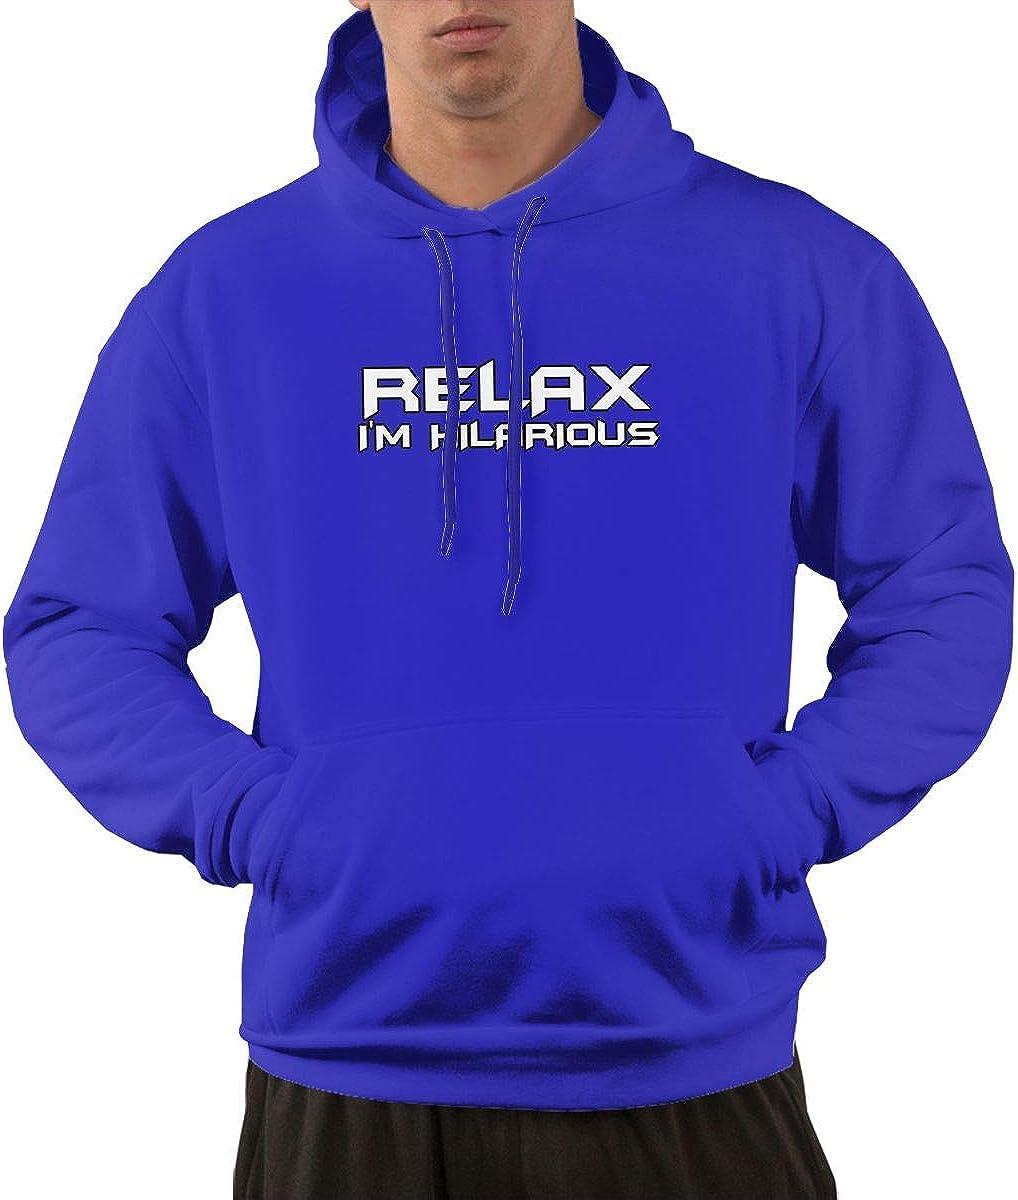 Dayawan Relax Im Hilarious Drawstring Hooded Pullover Men Pocket Hoodie Sweatshirt